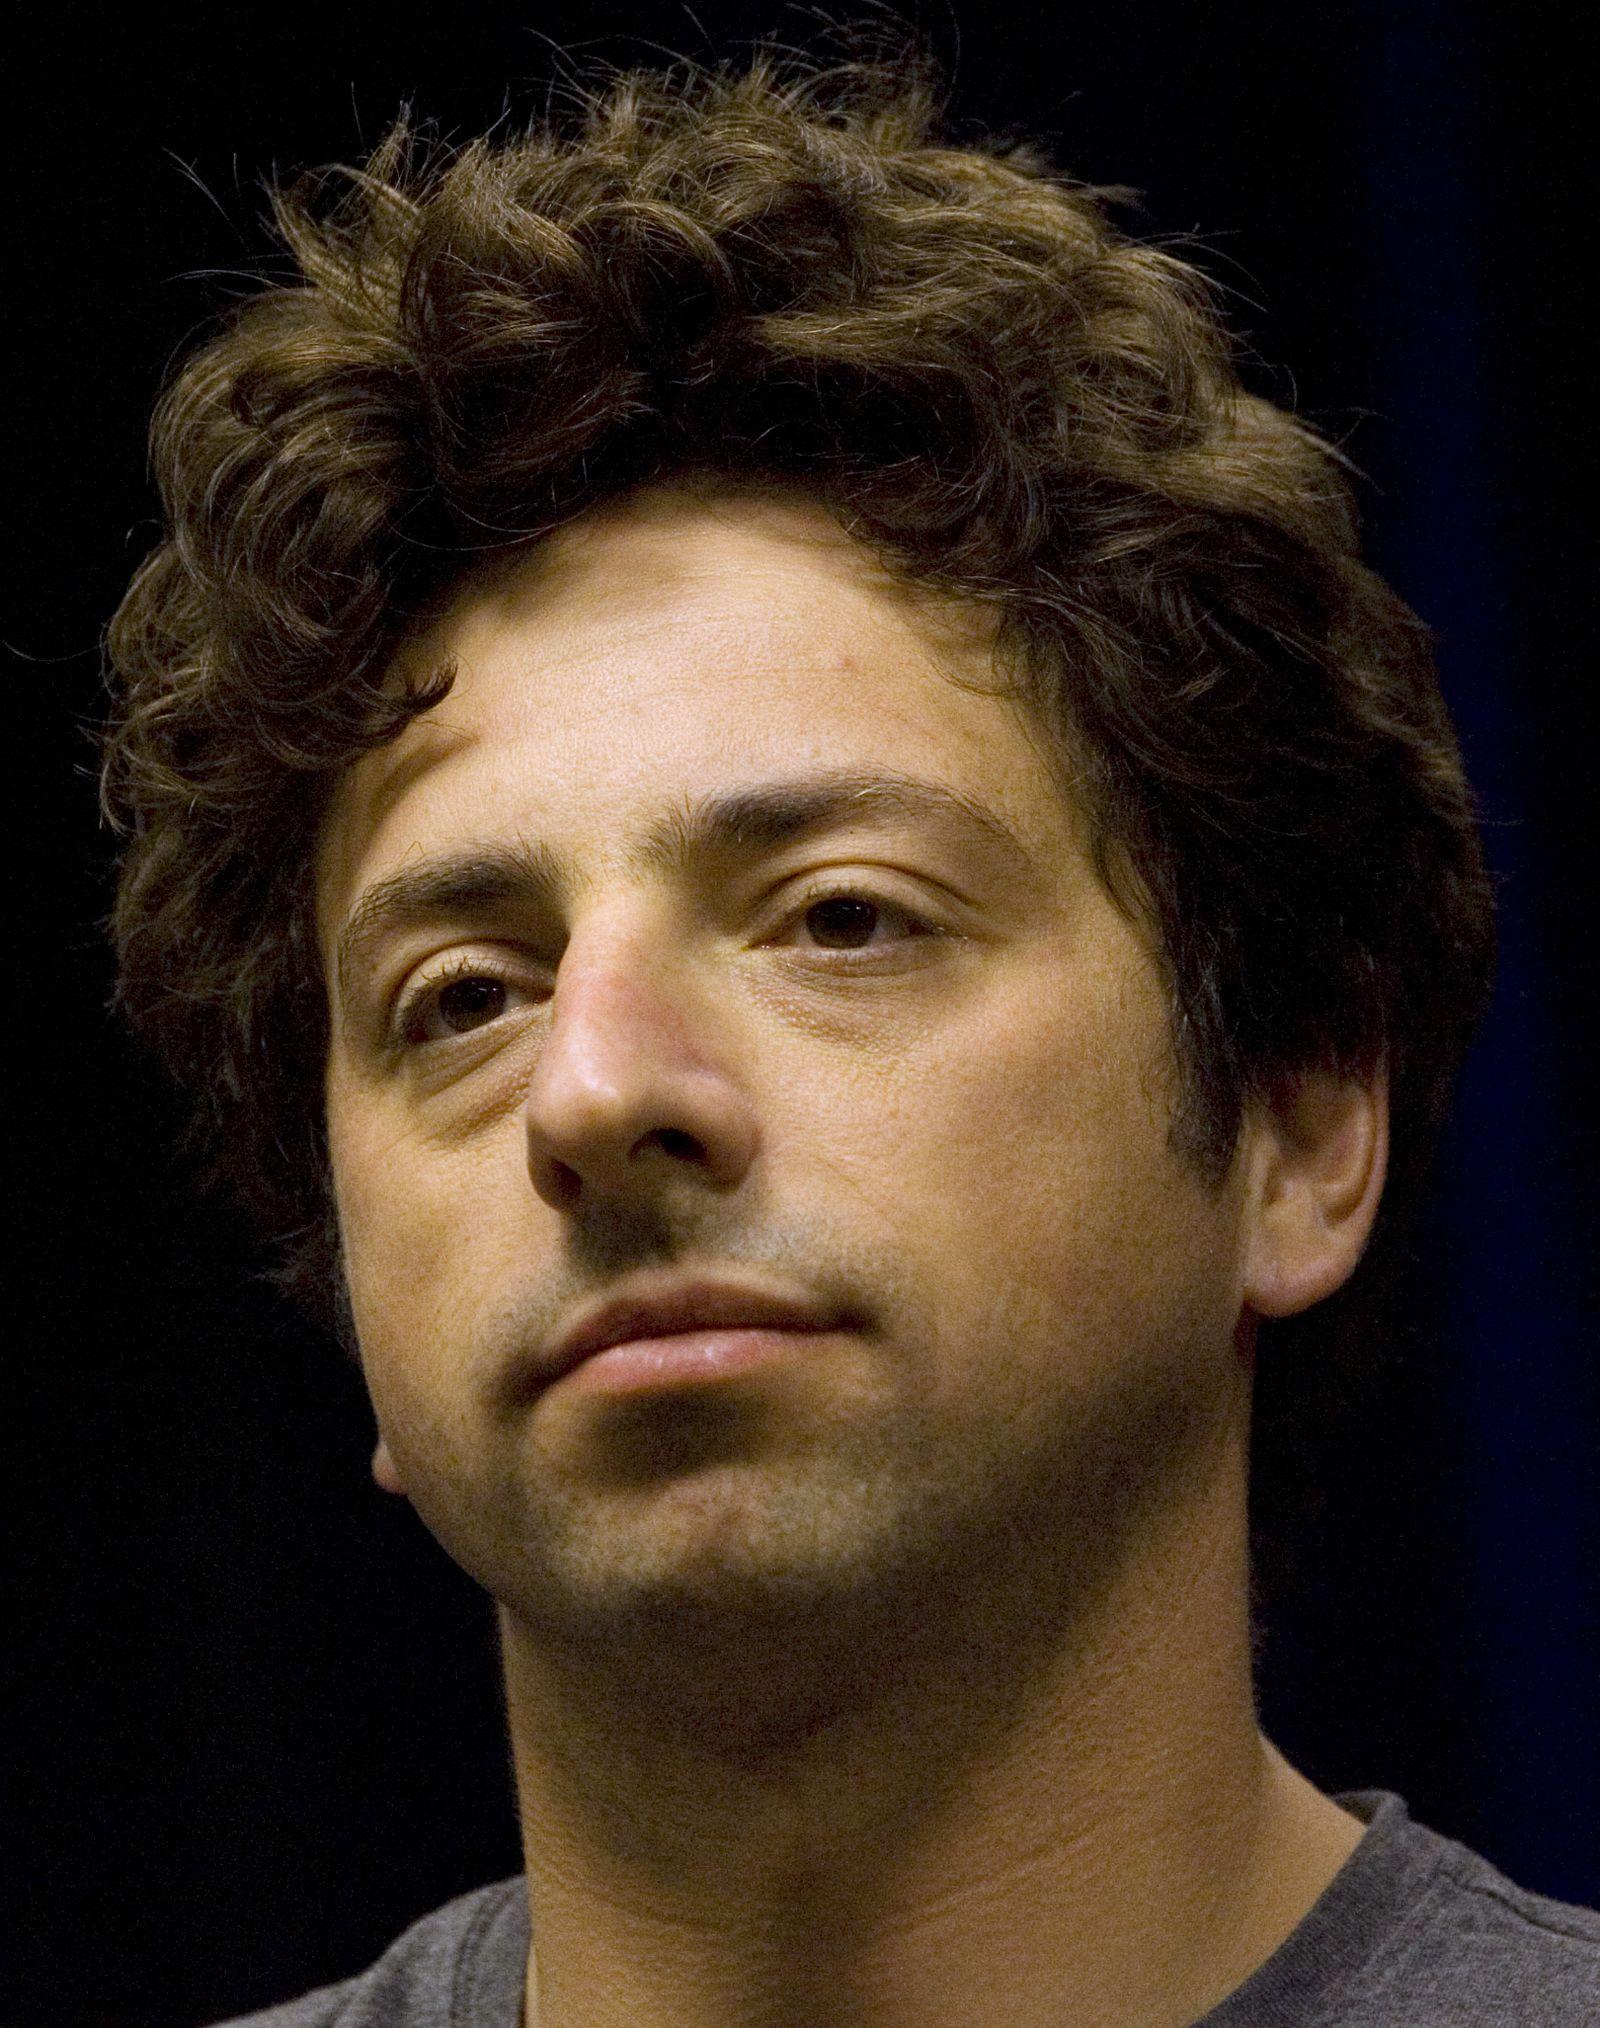 Sergey Brin / Google